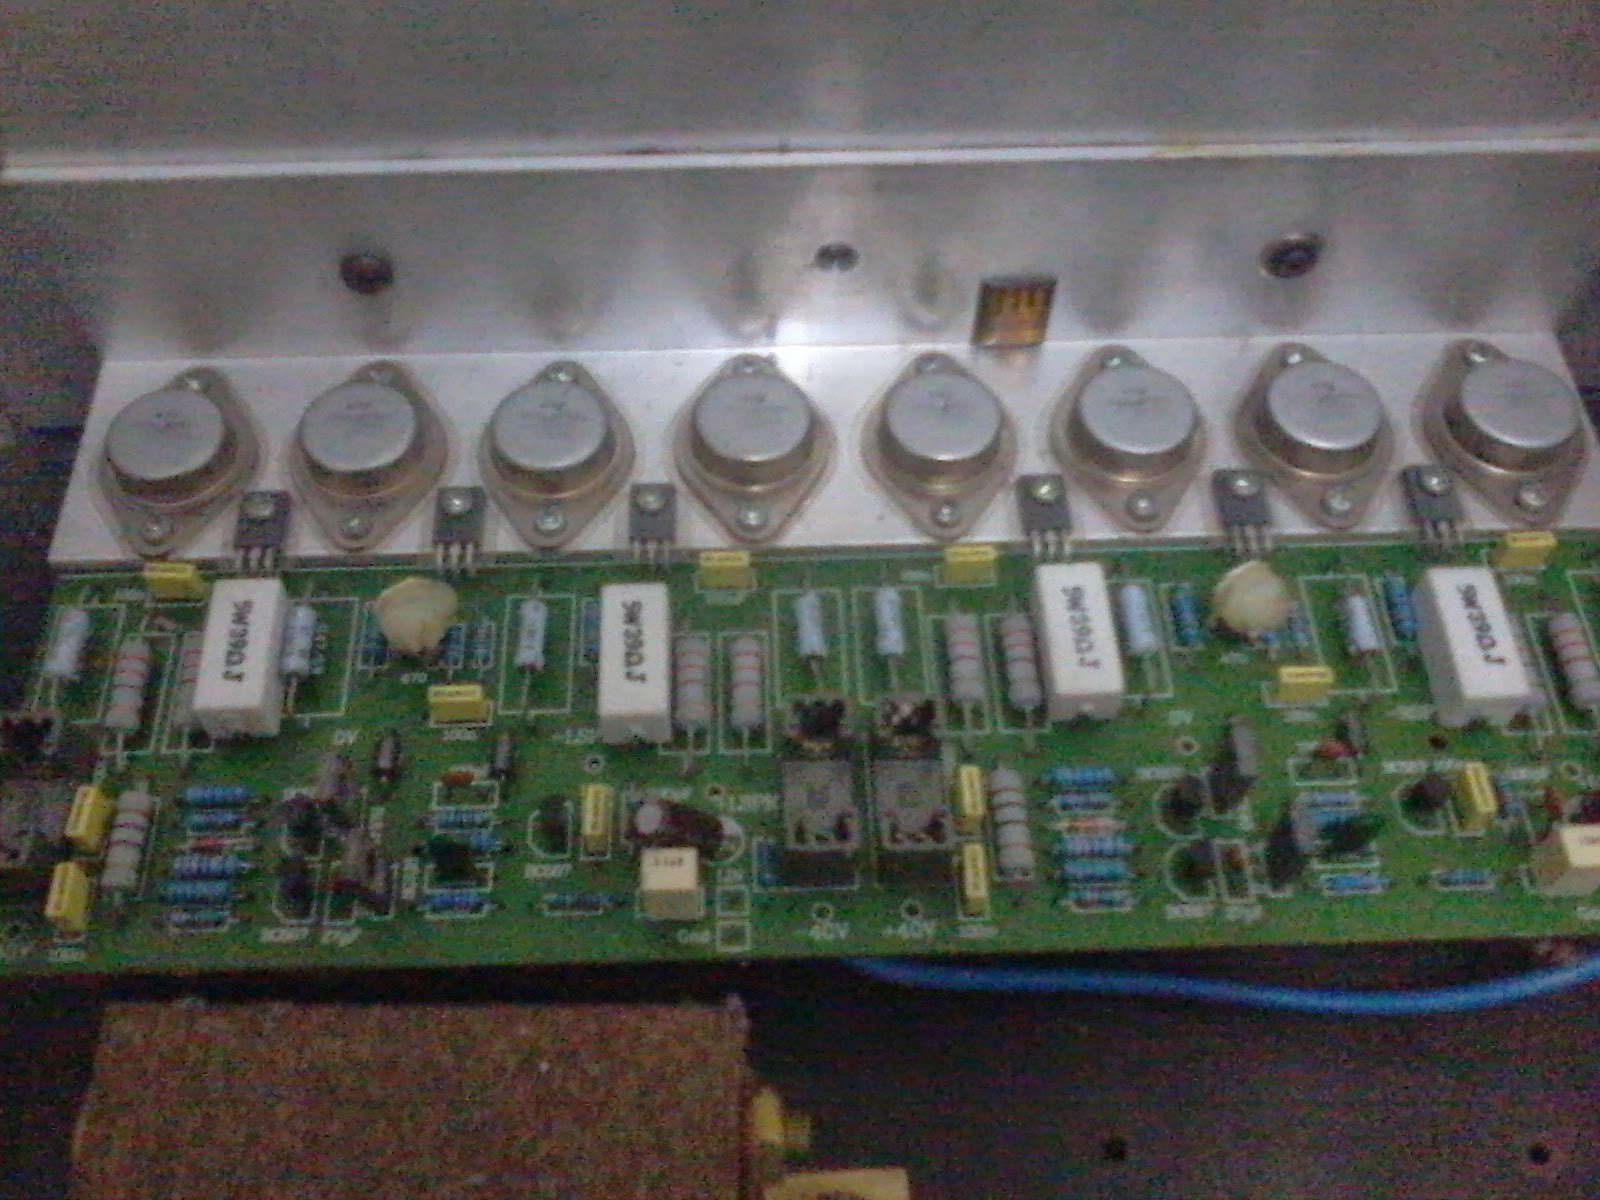 Kit Modul Power Amplifier Stereo